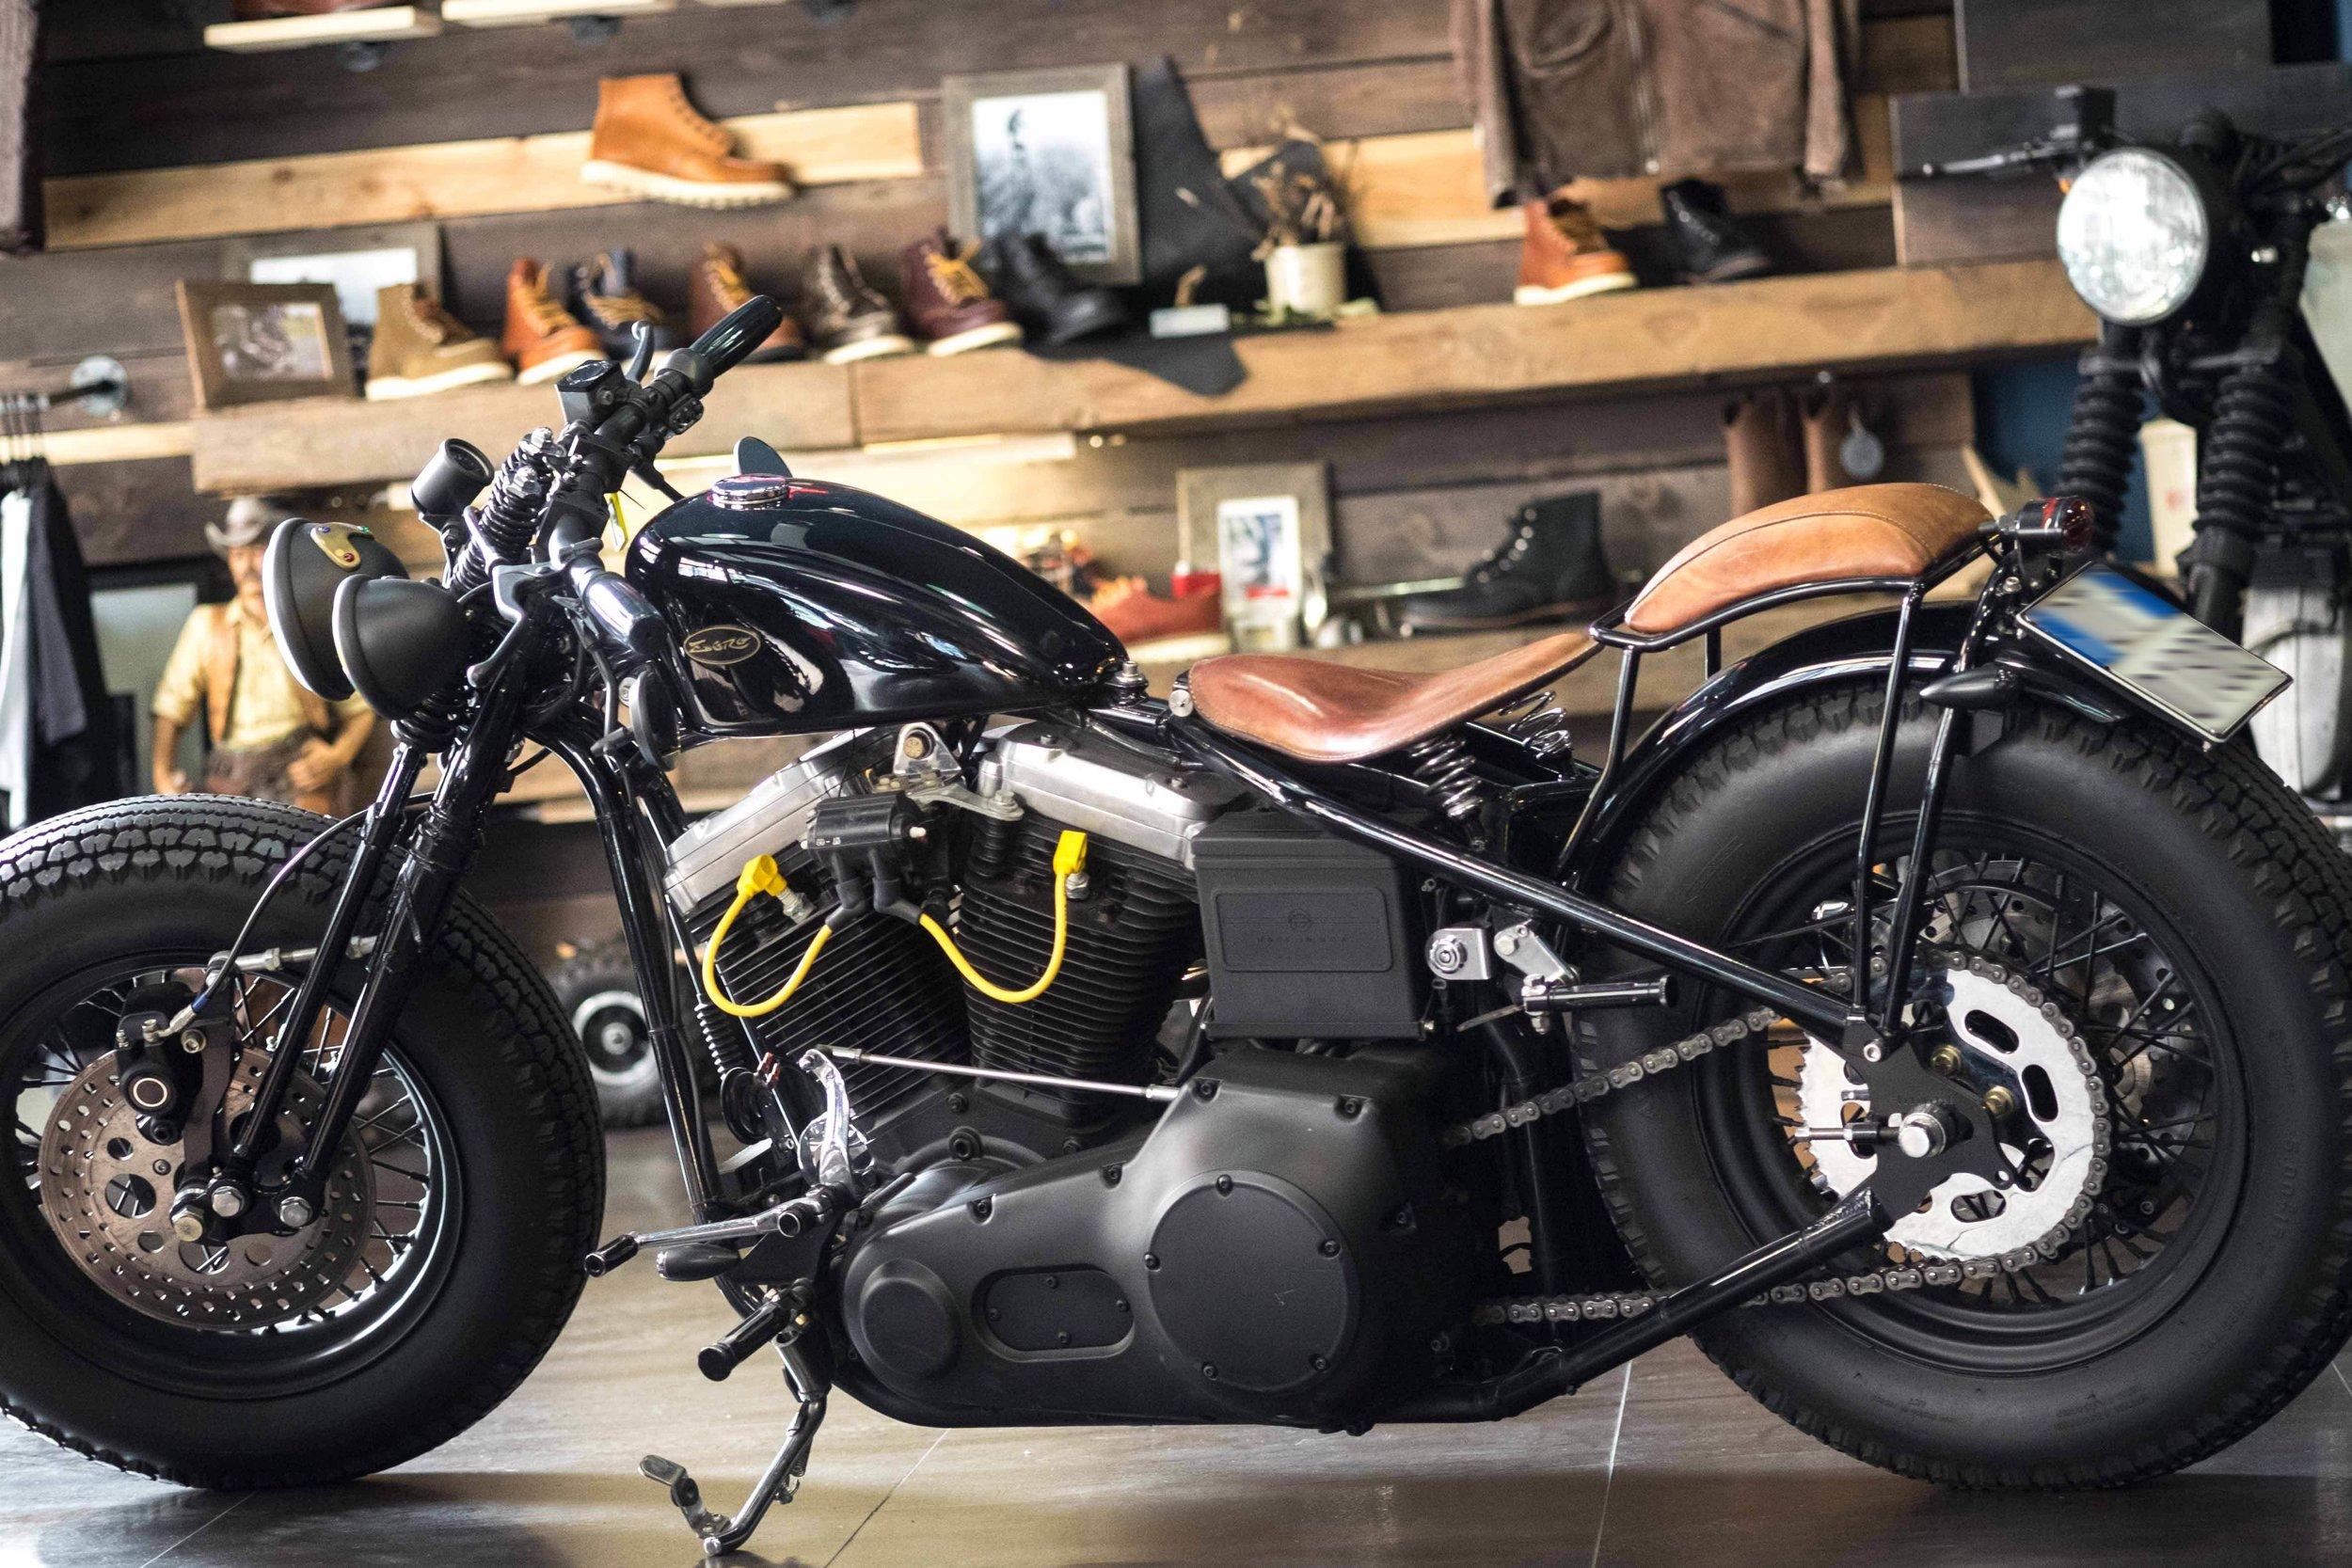 Marca: Samurai Chopper Modello: Special Type5 Cilindrata: 1340C.C.     000 3